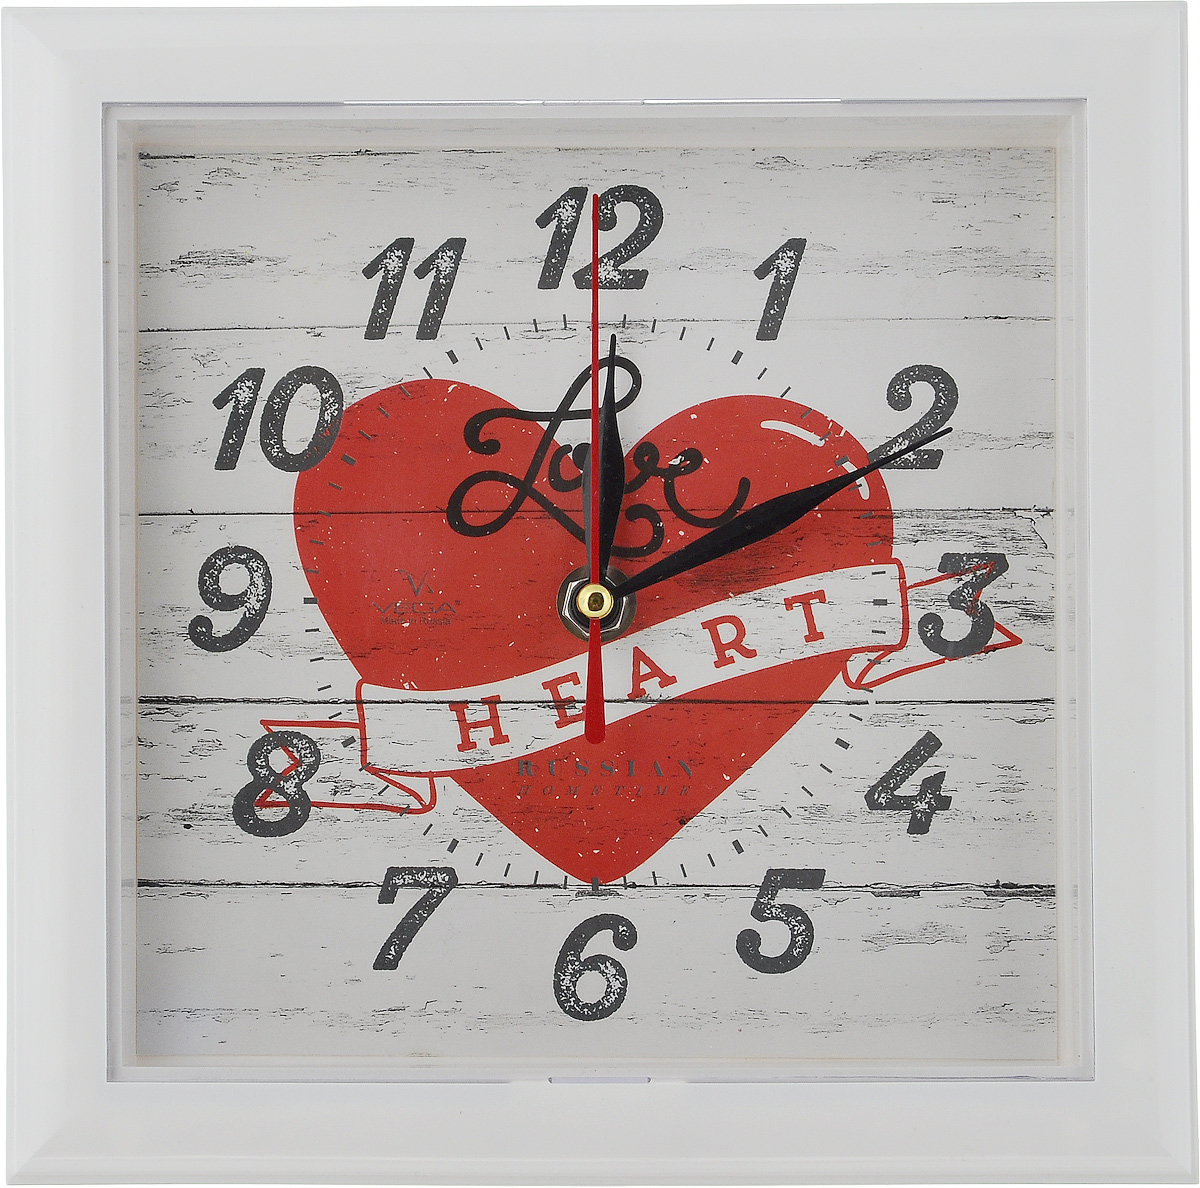 Часы настенные Вега Сердце, 20,6 х 20,6 х 3,5 смП1-798/7-49Настенные кварцевые часы Вега Сердце, изготовленные из пластика, прекрасно впишутся в интерьер вашего дома. Часы имеют три стрелки: часовую, минутную и секундную, циферблат защищен прозрачным стеклом. Часы работают от 1 батарейки типа АА напряжением 1,5 В (не входит в комплект).Размер часов: 20,6 х 20,6 х 3,5 см.